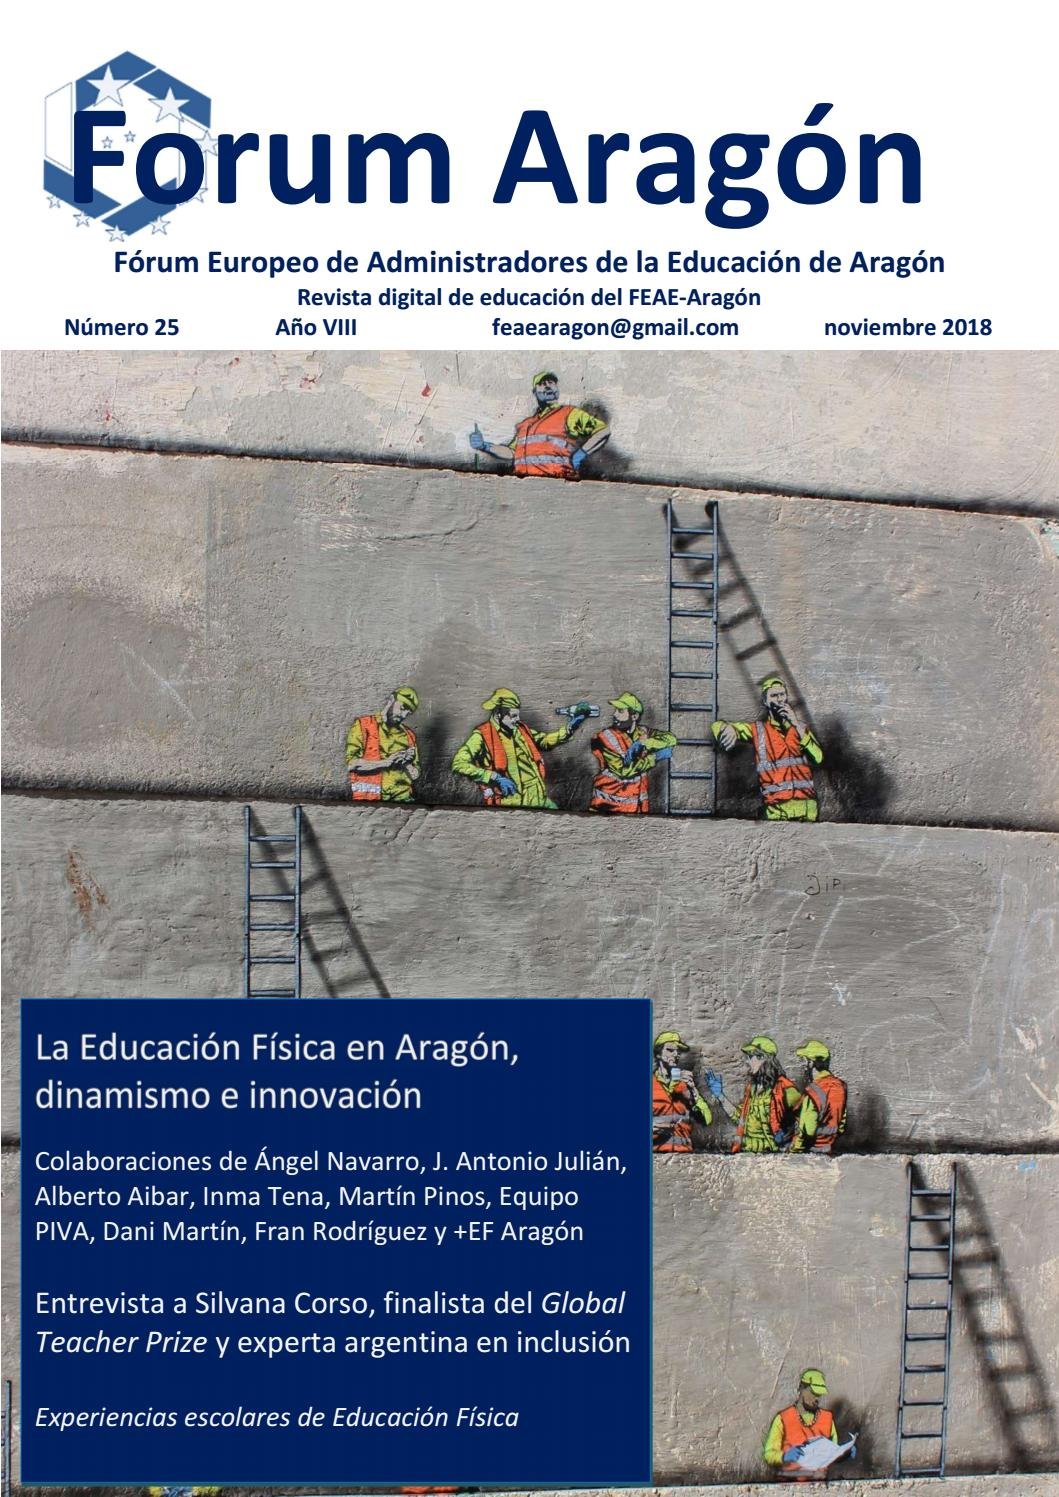 2b3f7ad7b6bf Forum Aragón 25 La Educación Física en Aragón